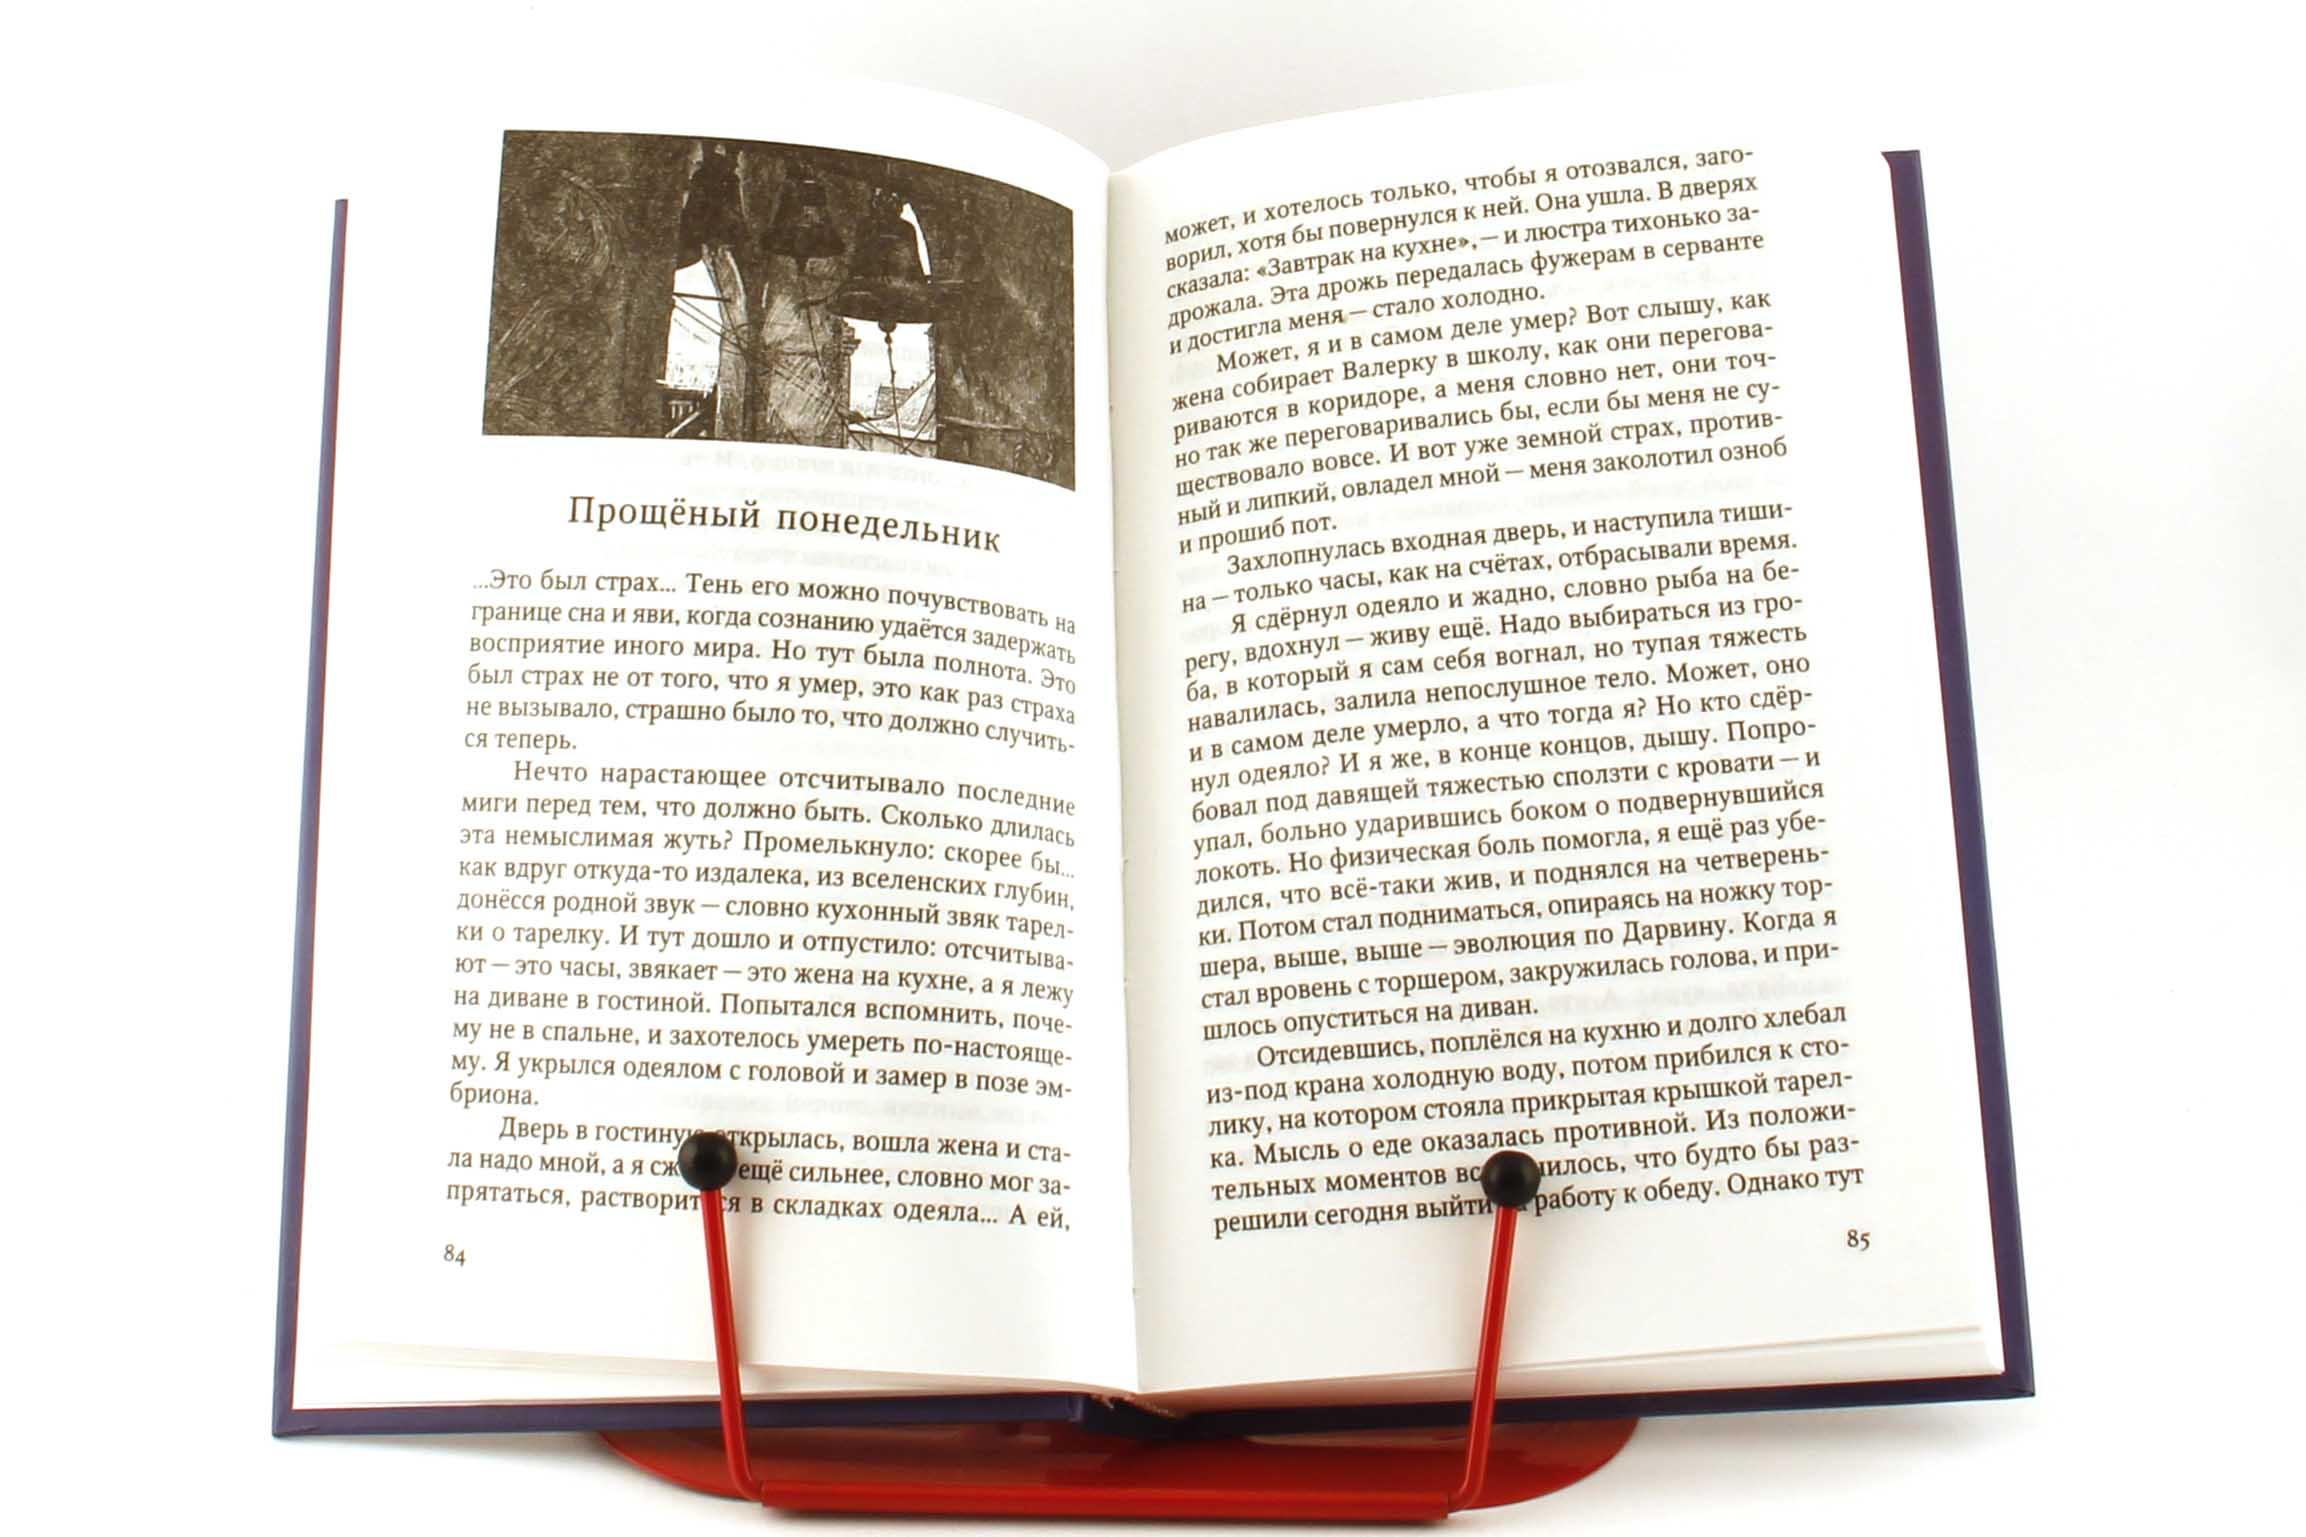 александр никифоров сибирский писатель книги